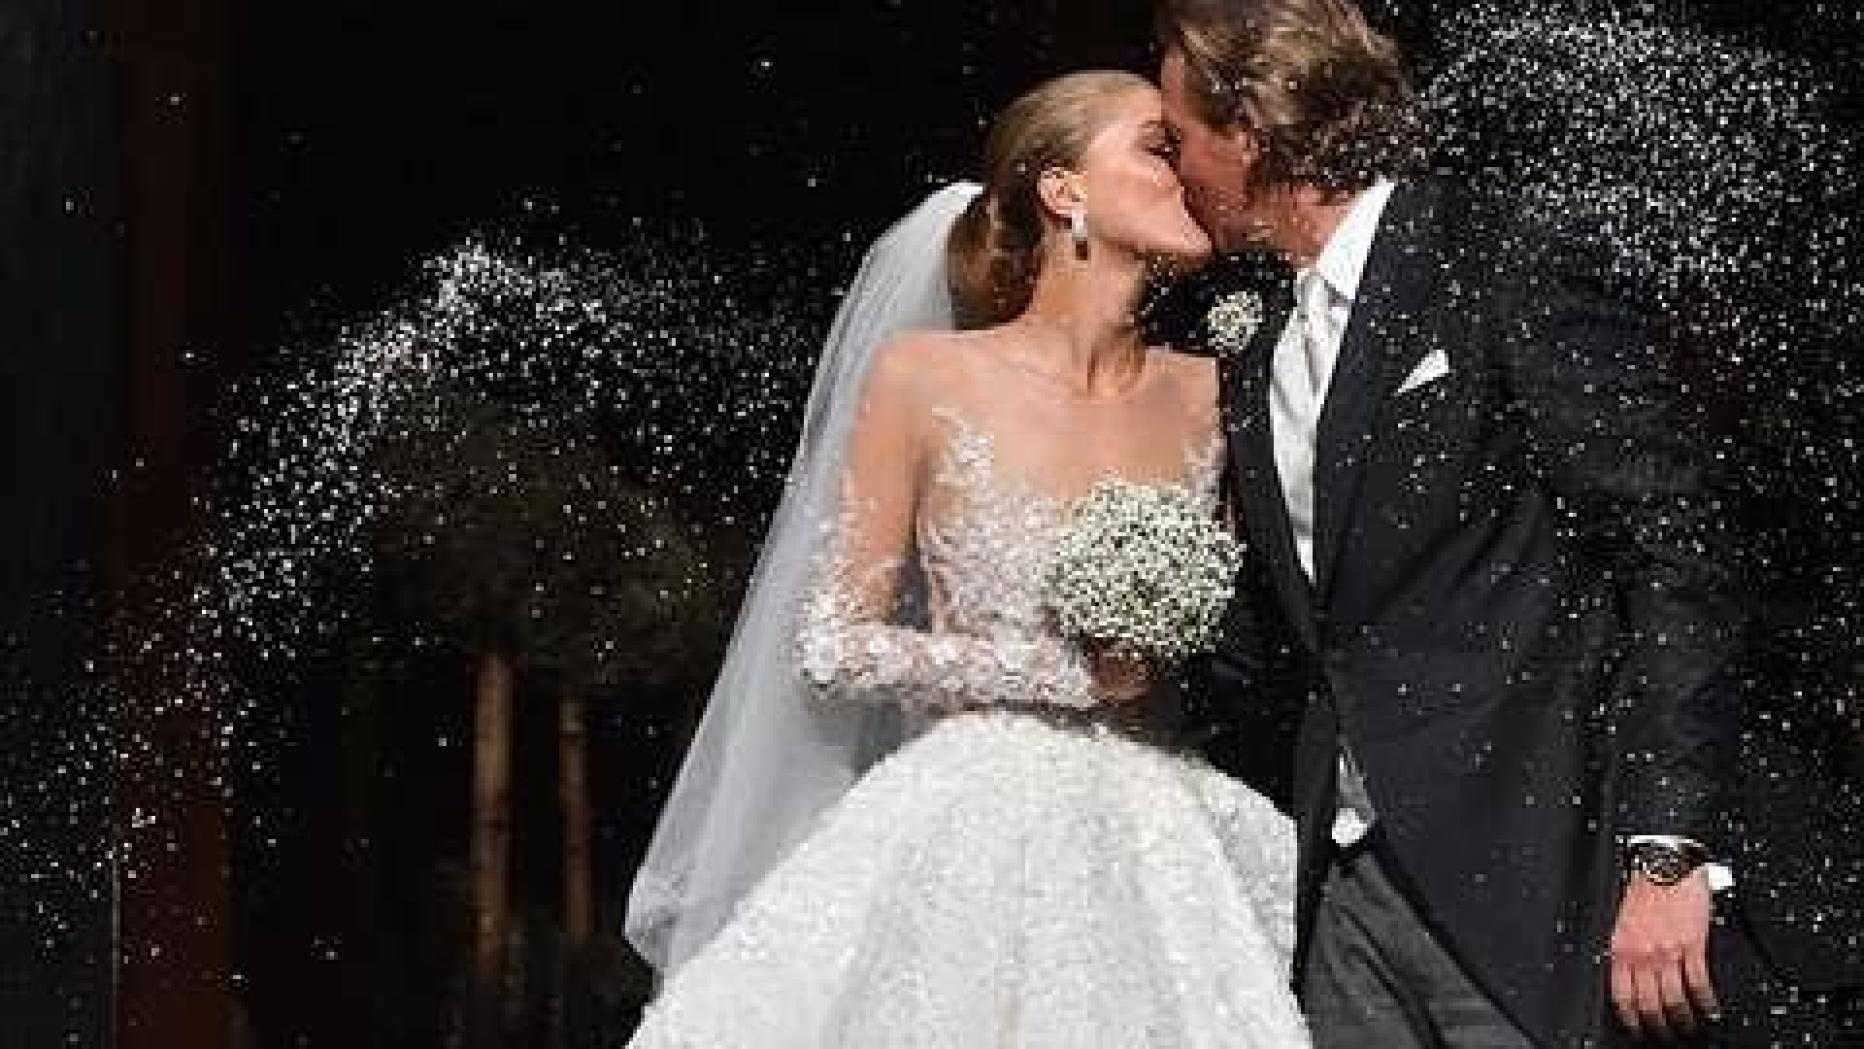 Victoria Swarovski: Shitstorm für Luxus-Brautkleid  kurier.at